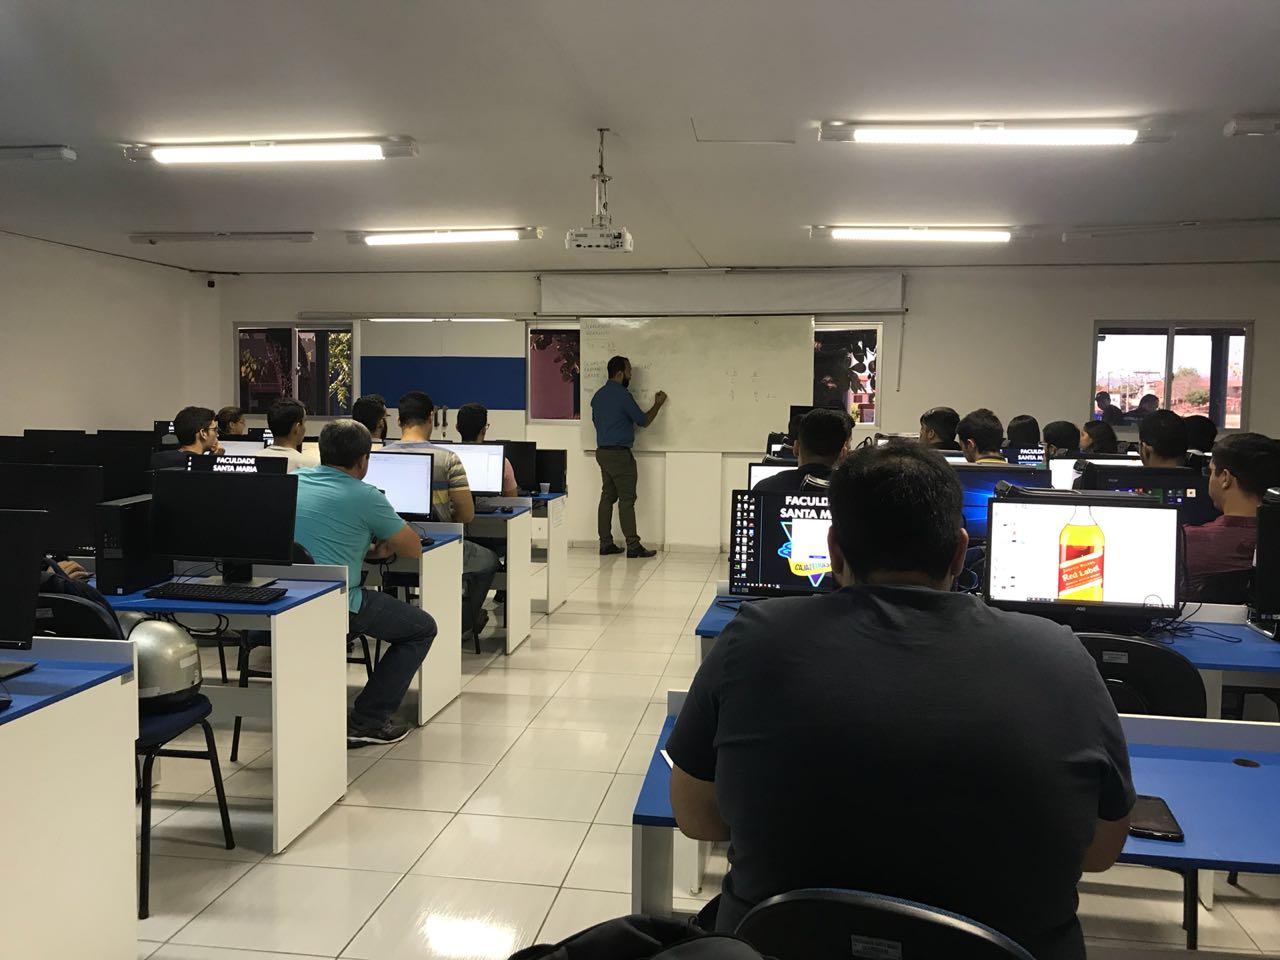 1a88acbf 54e3 4b69 9433 1a53ce51af8c - Estudantes participam da primeira Semana de Integração de Engenharia Civil da FSM em Cajazeiras